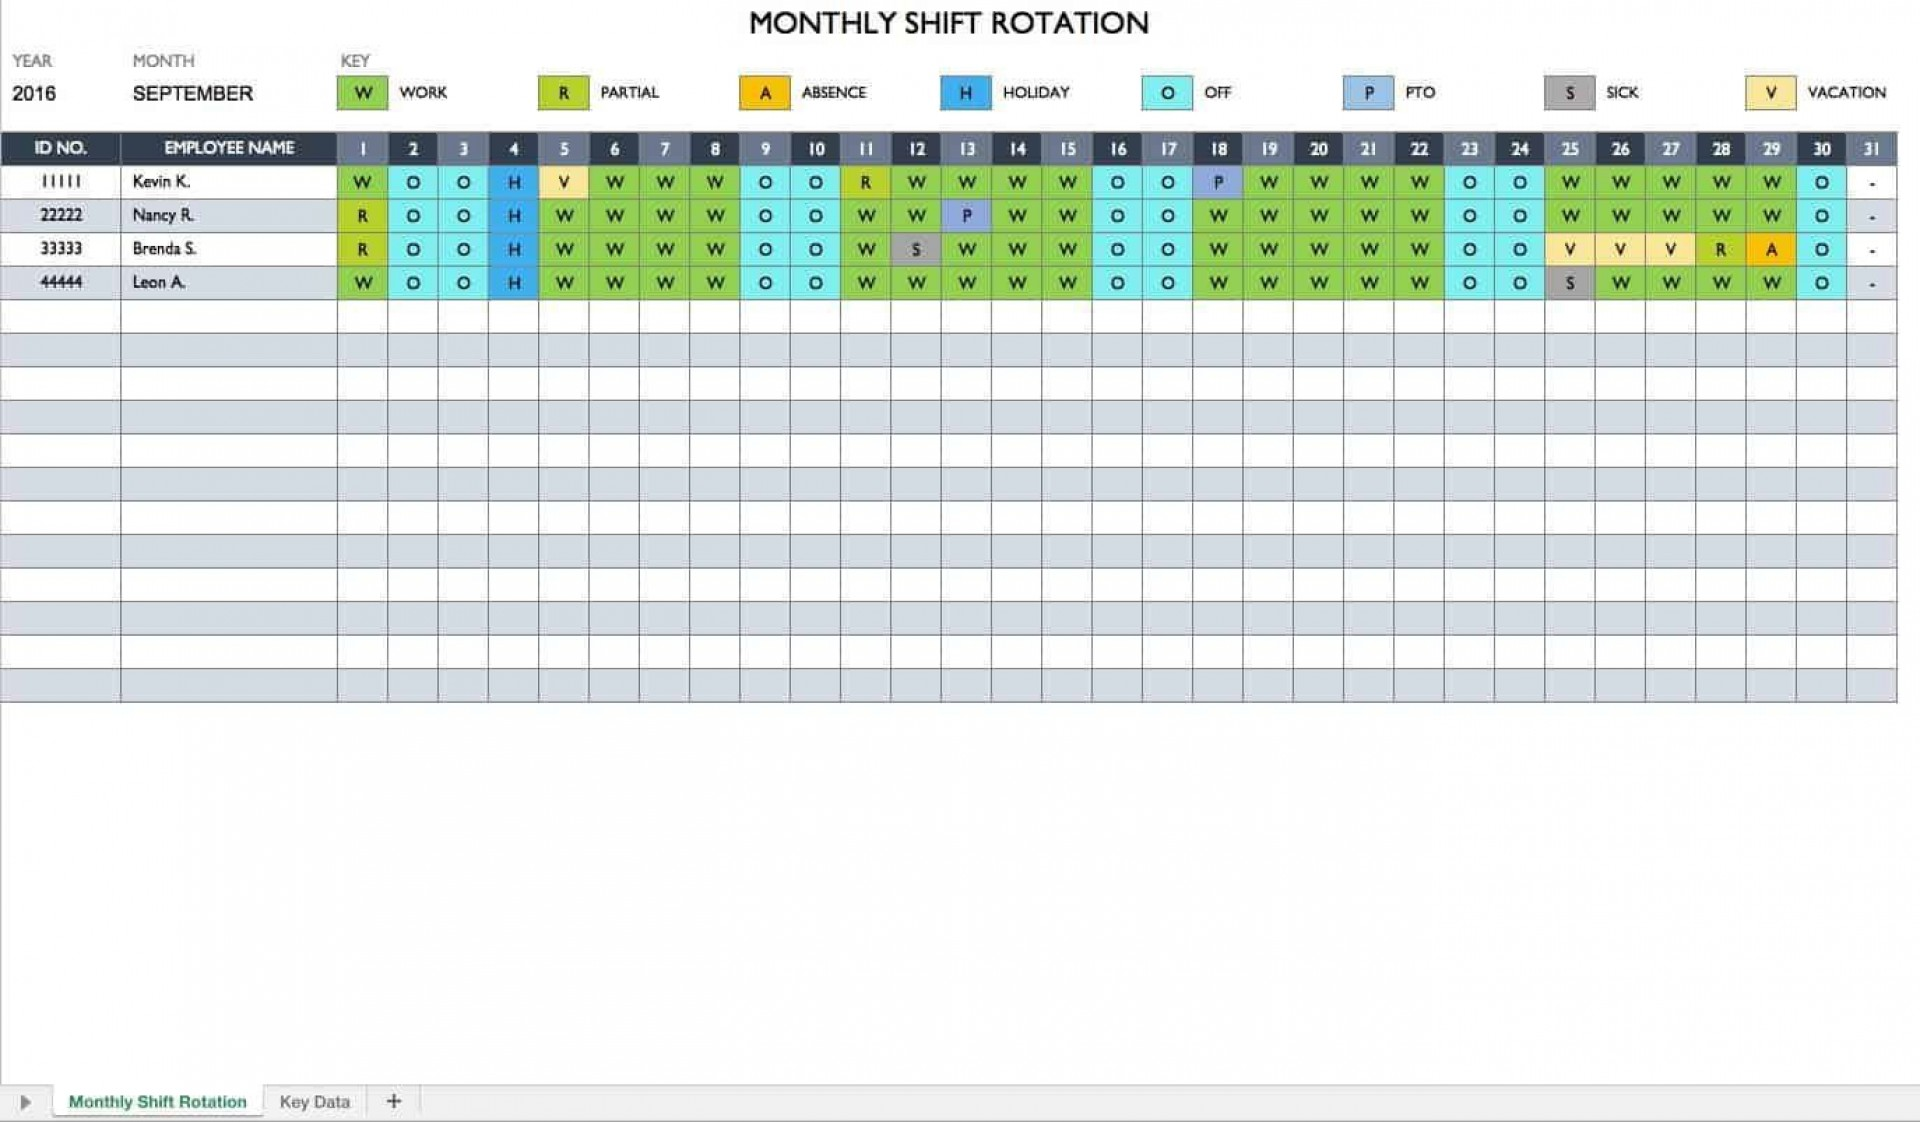 008 Best 24 Hour Weekly Schedule Template Excel Example  Calendar1920